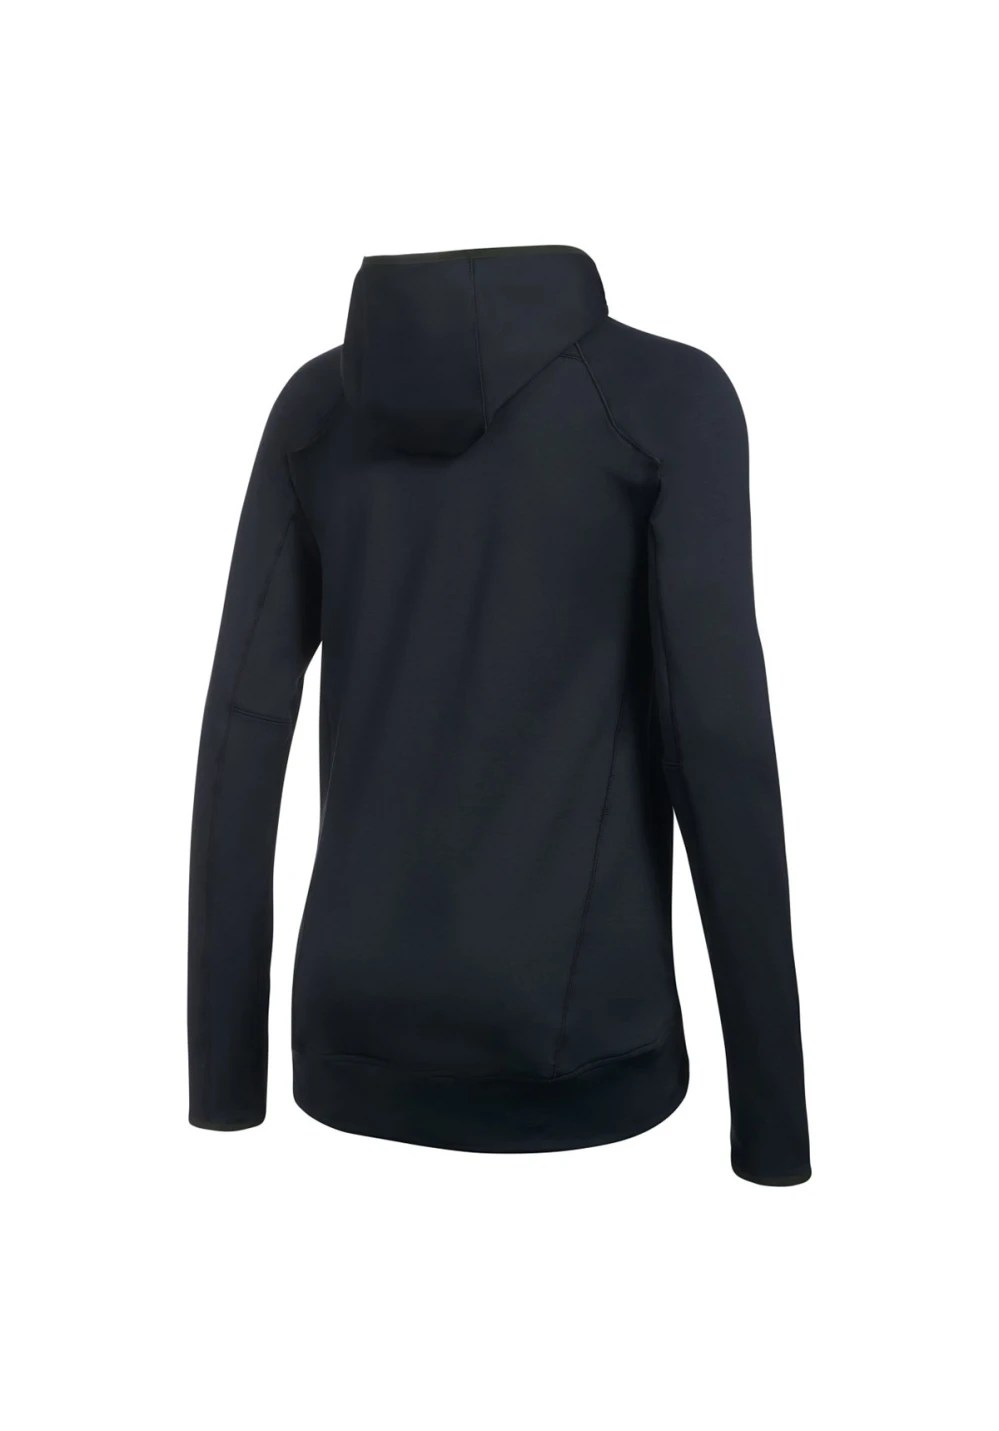 finest selection d0c74 936c3 Pullover Und Sweatshirts Damen